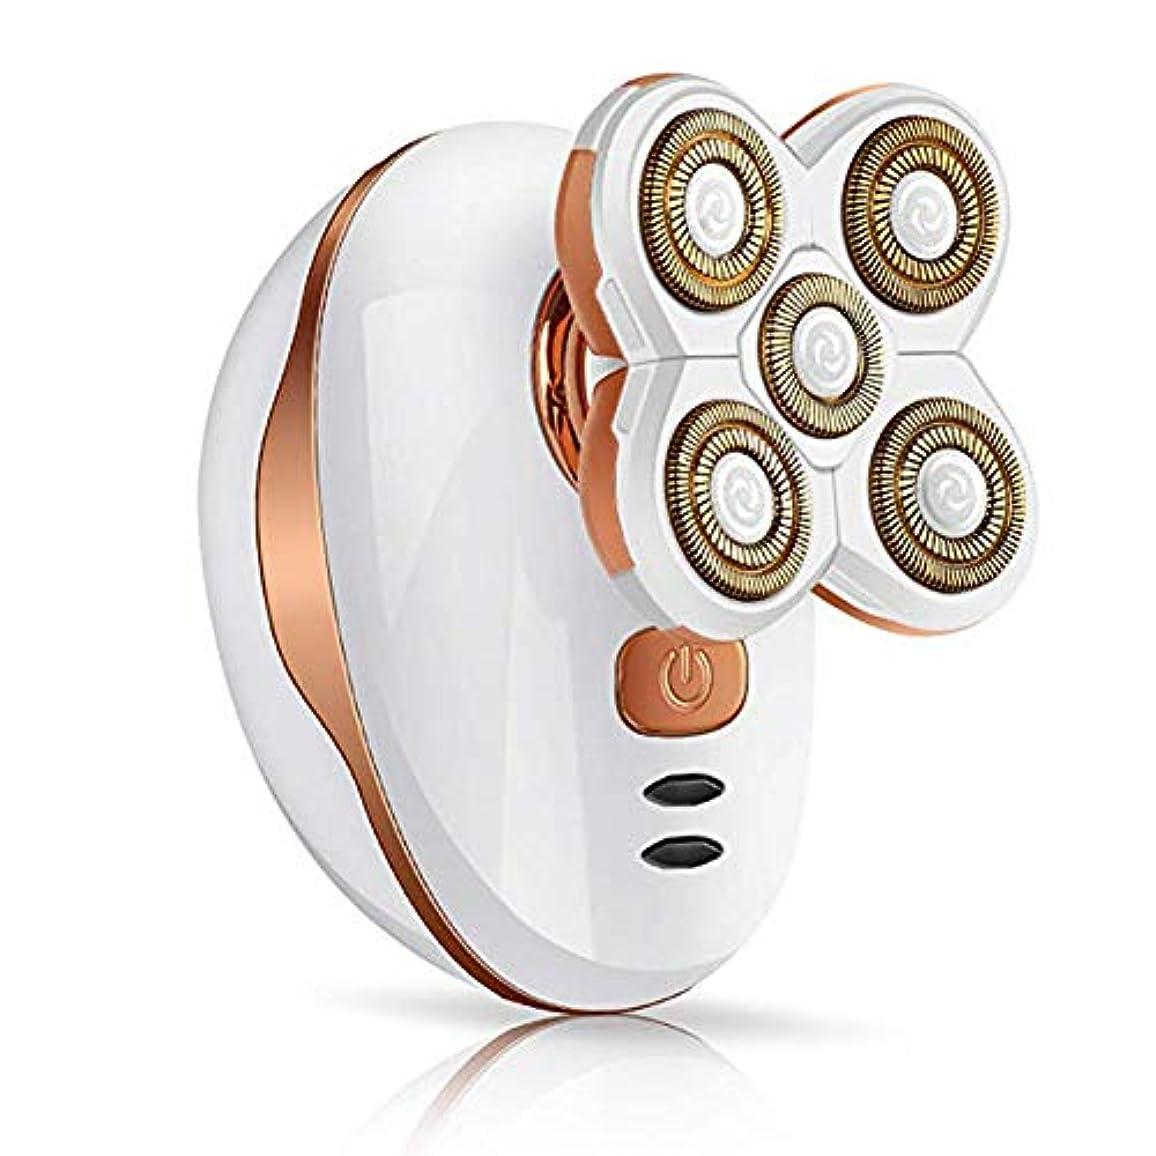 ウェットドライ電気ロータリーシェーバー、5フローティングヘッド付きコードレス防水カミソリヘッドシェーバー旅行や家庭での使用のための高速USB充電セキュリティロックモード